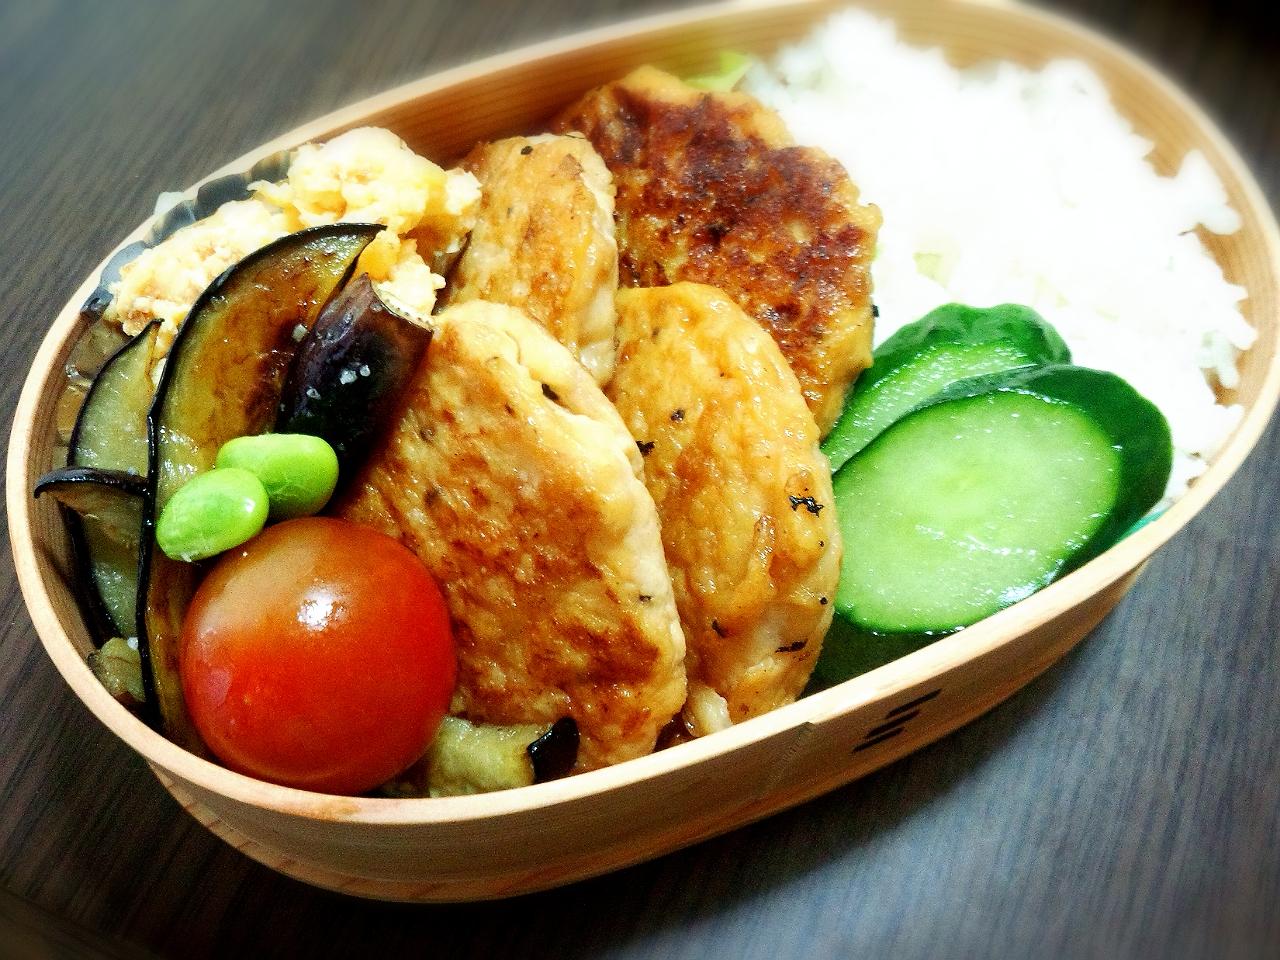 きょうのおべんとう「豆腐と鶏挽き肉のつくね」